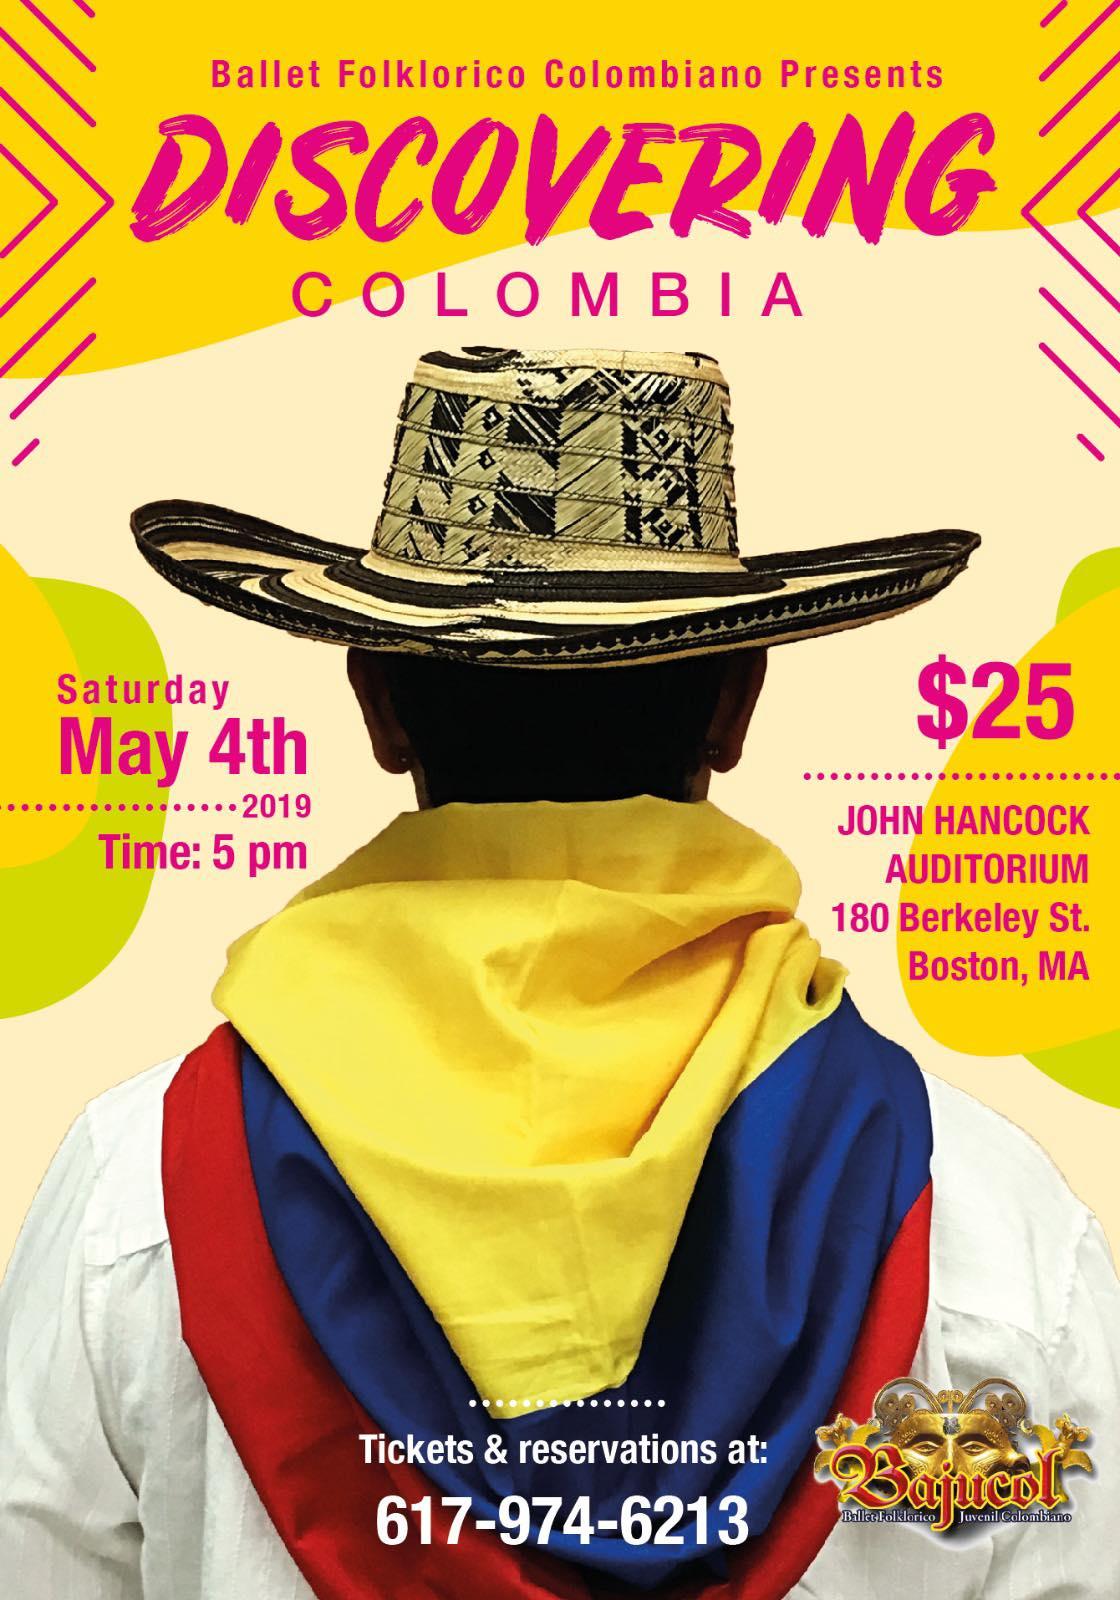 Bajucol Columbia